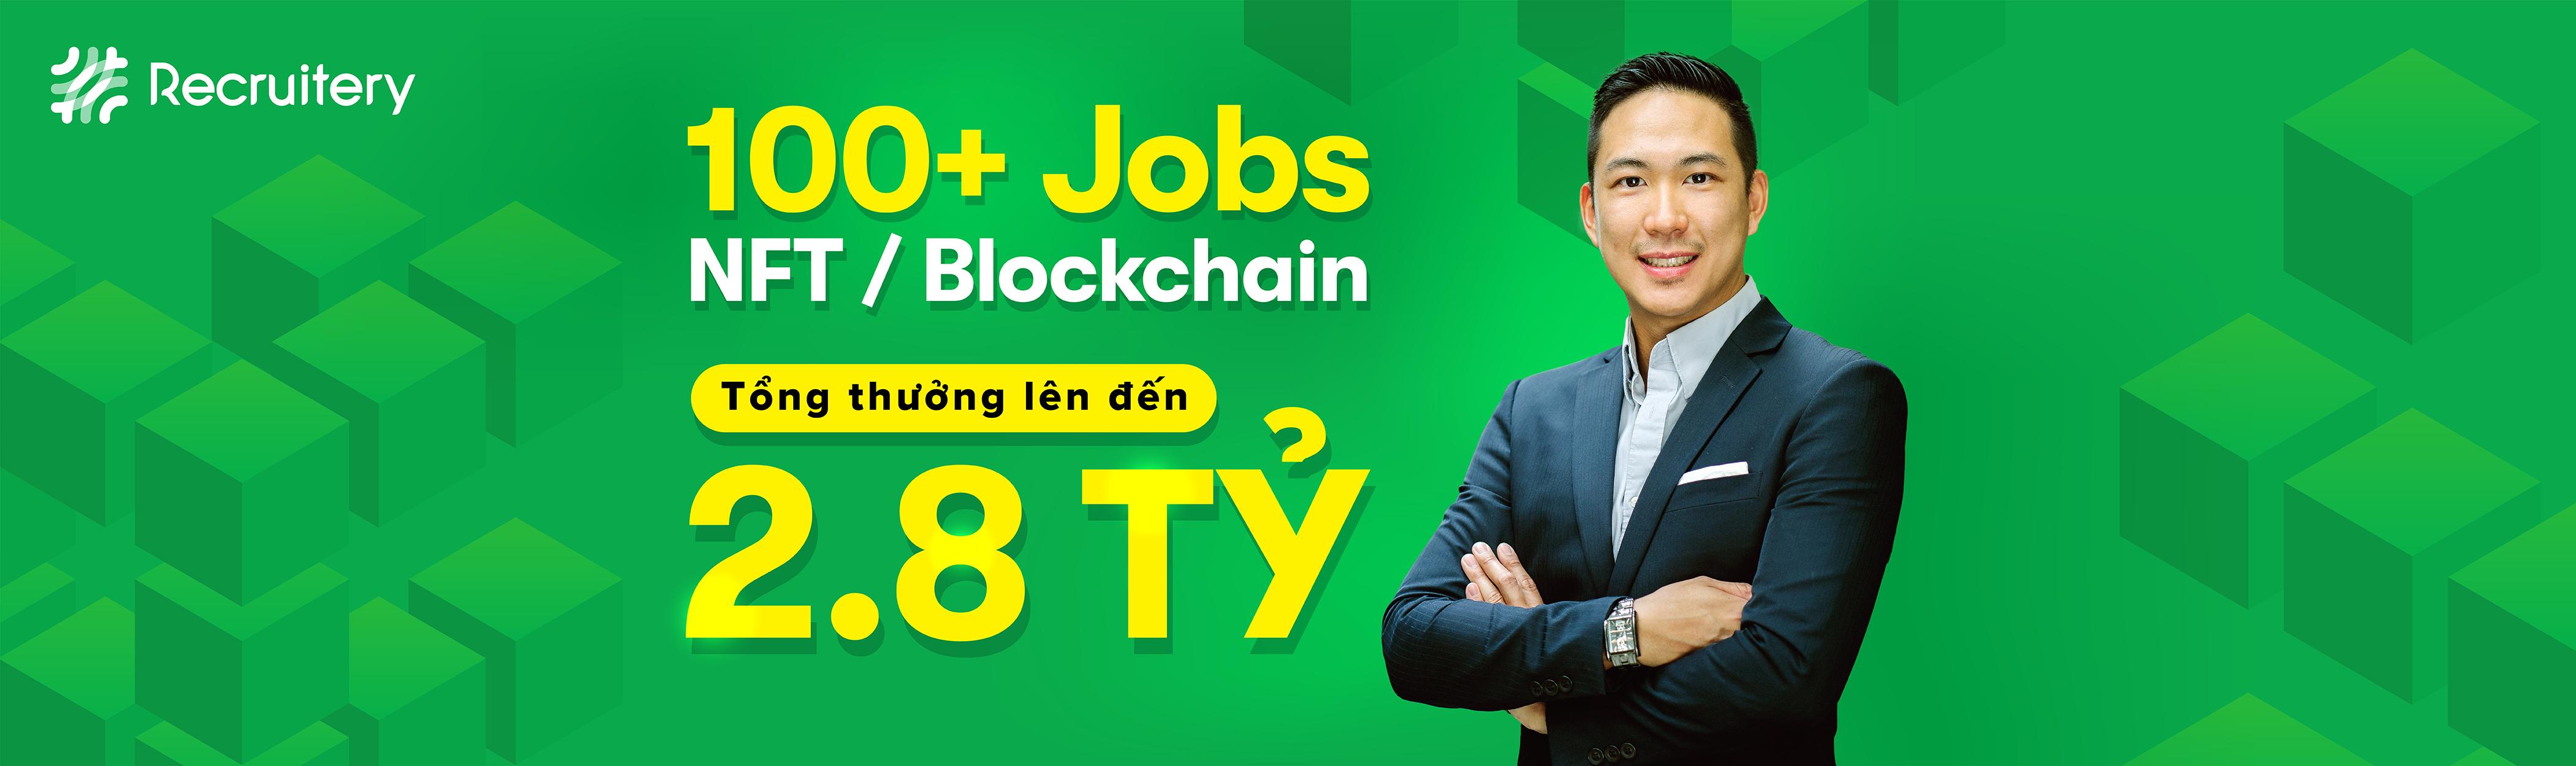 Việc làm Blockchain/NFT mới nhất Quý IV - 2021